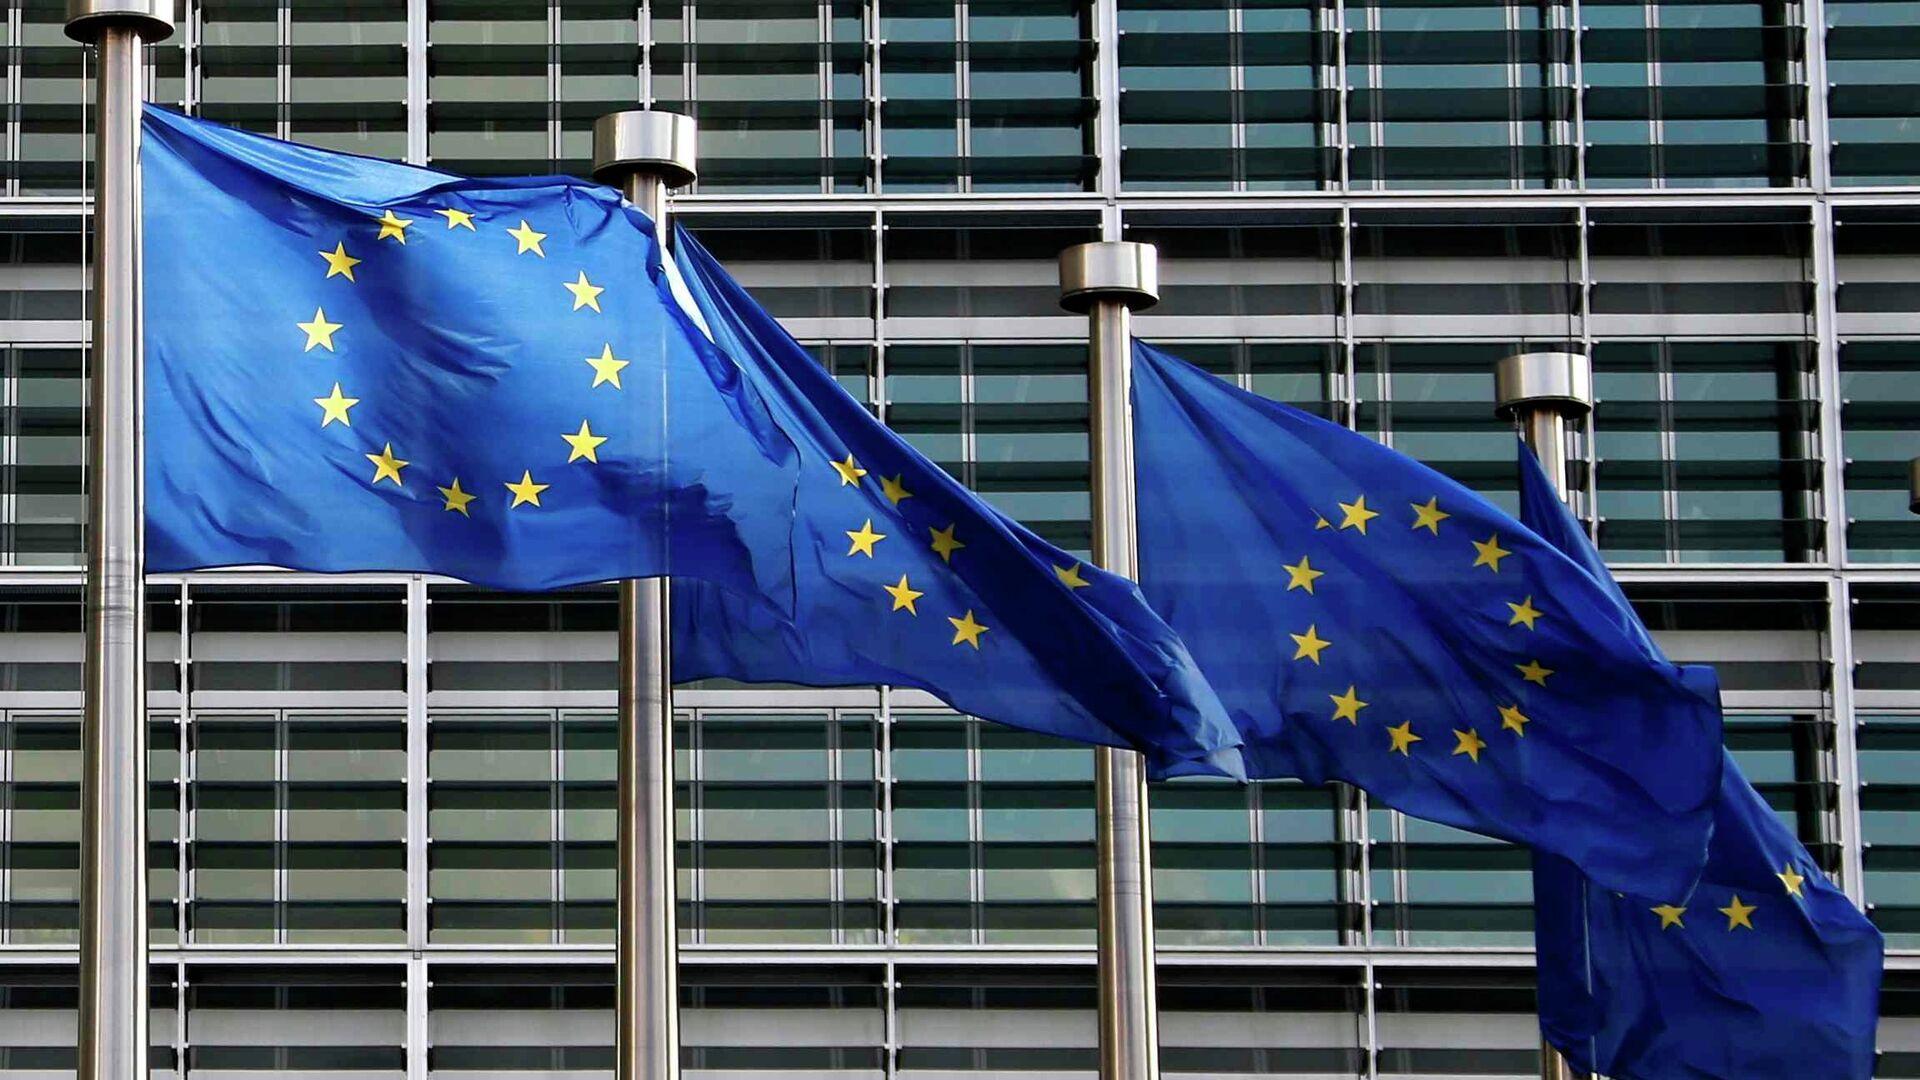 Banderas de la UE frente a la sede de la Comisión Europea en Bruselas - Sputnik Mundo, 1920, 16.09.2021